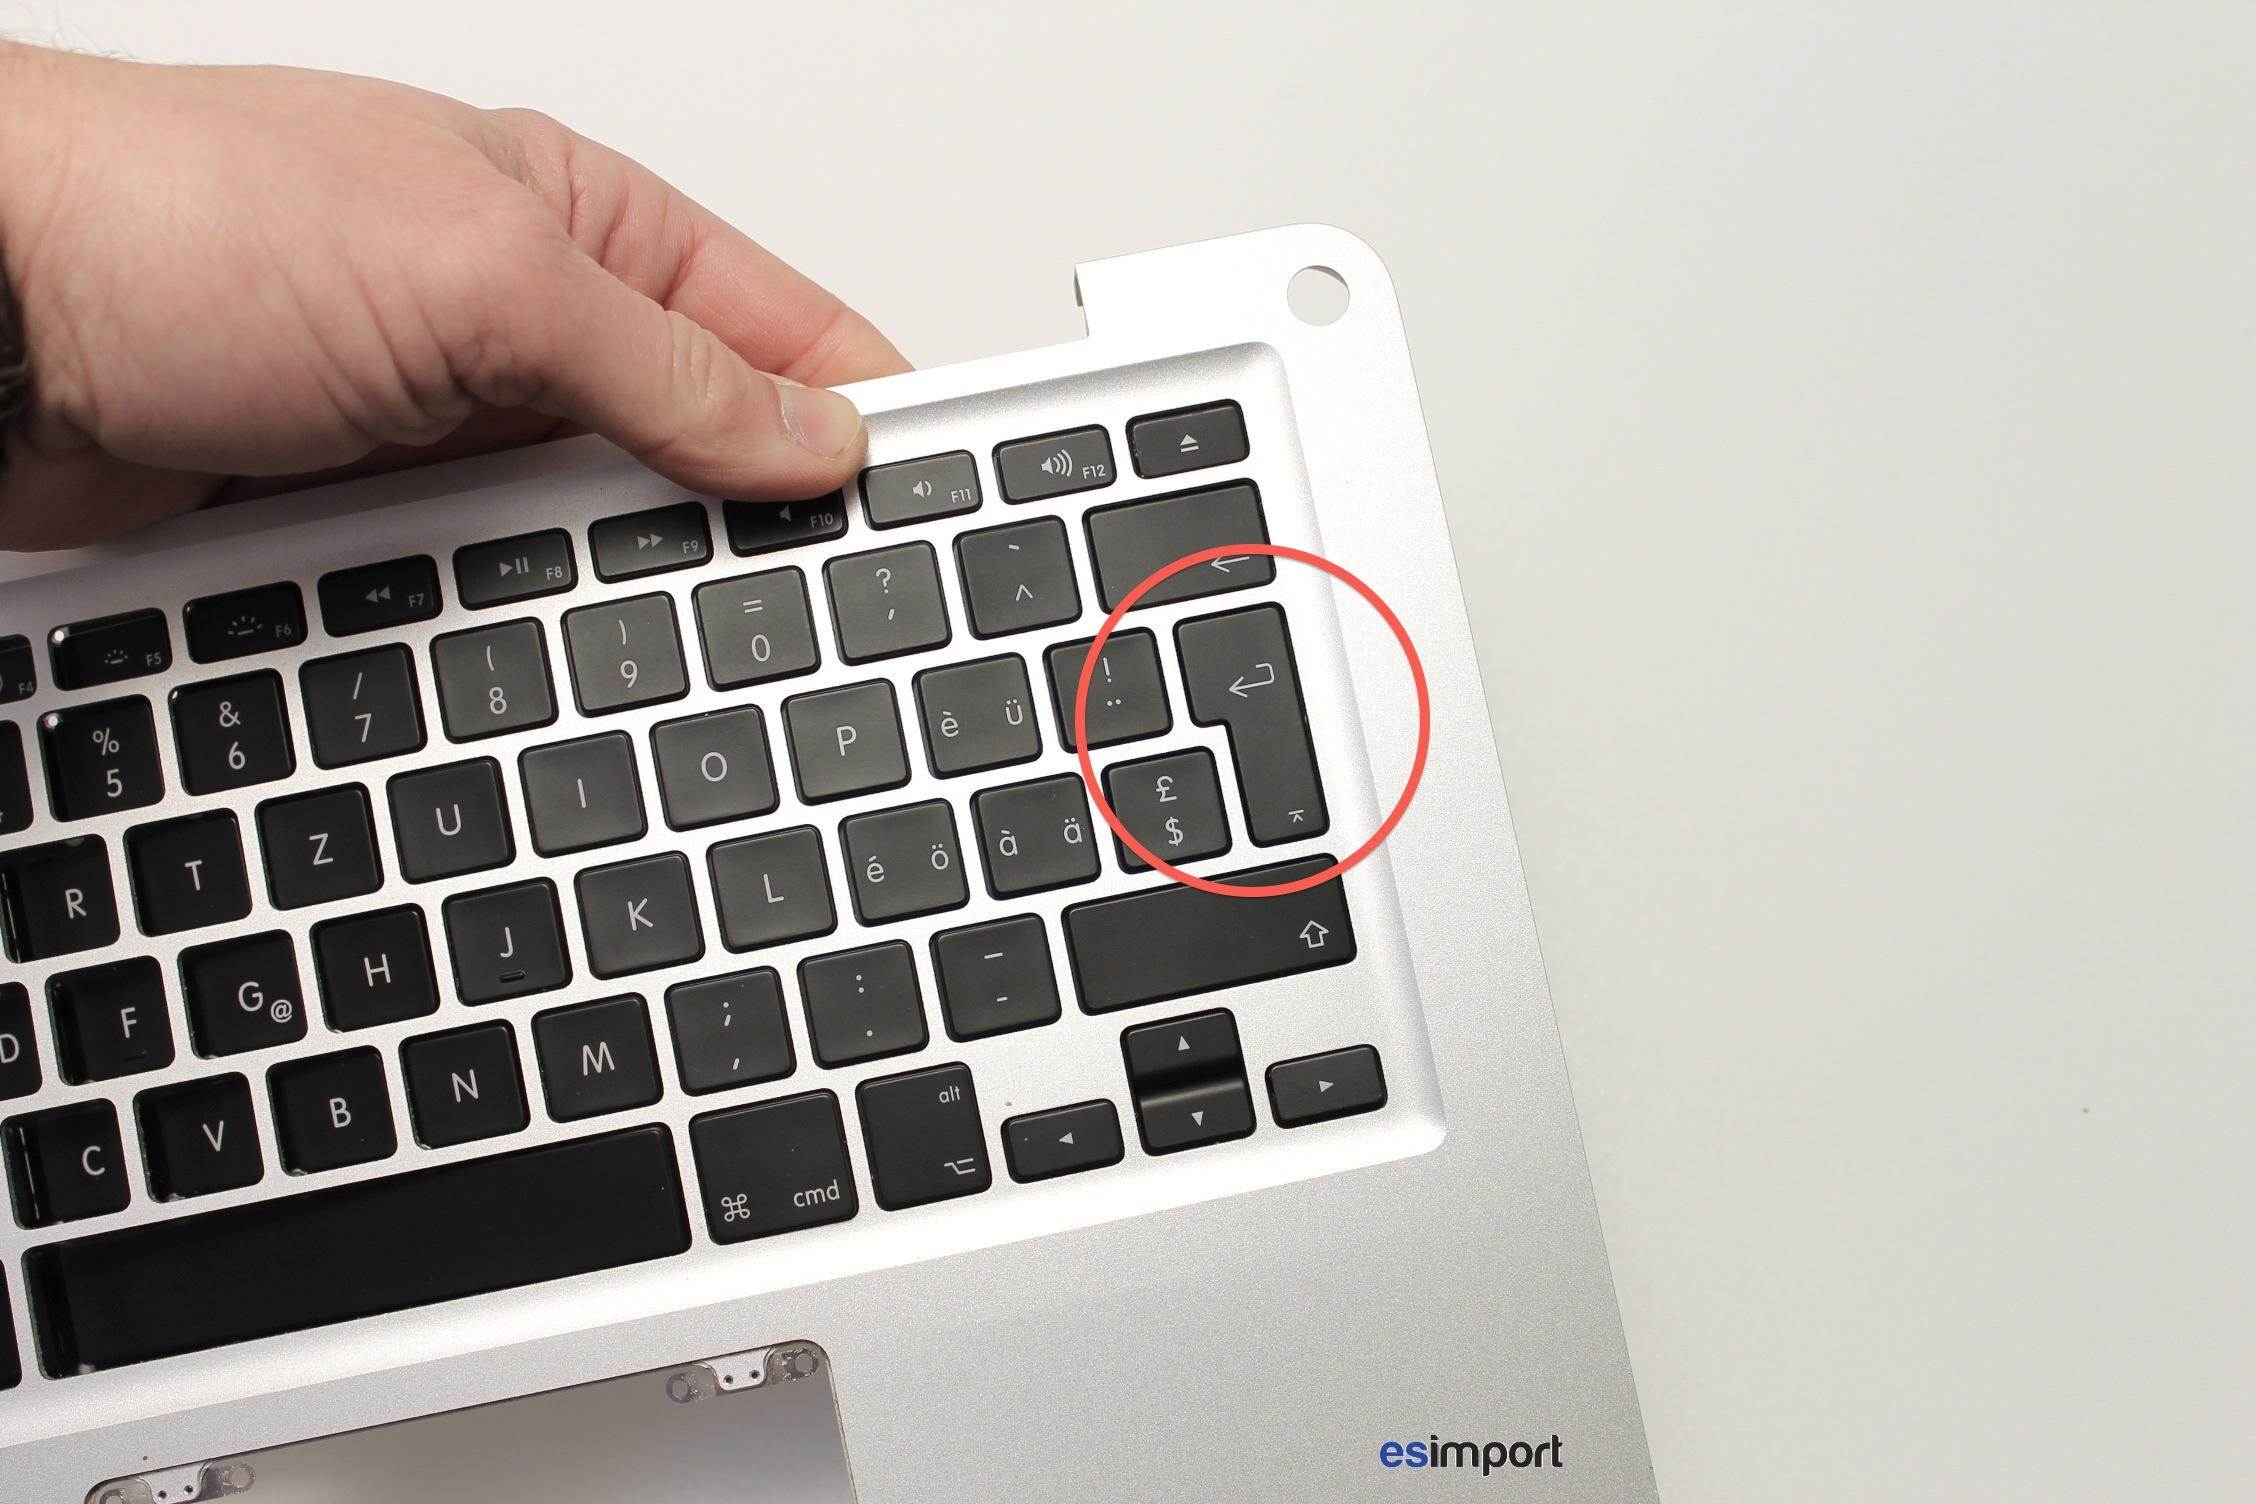 matCAriel  pas CA changer la langue du clavier dEun macbook